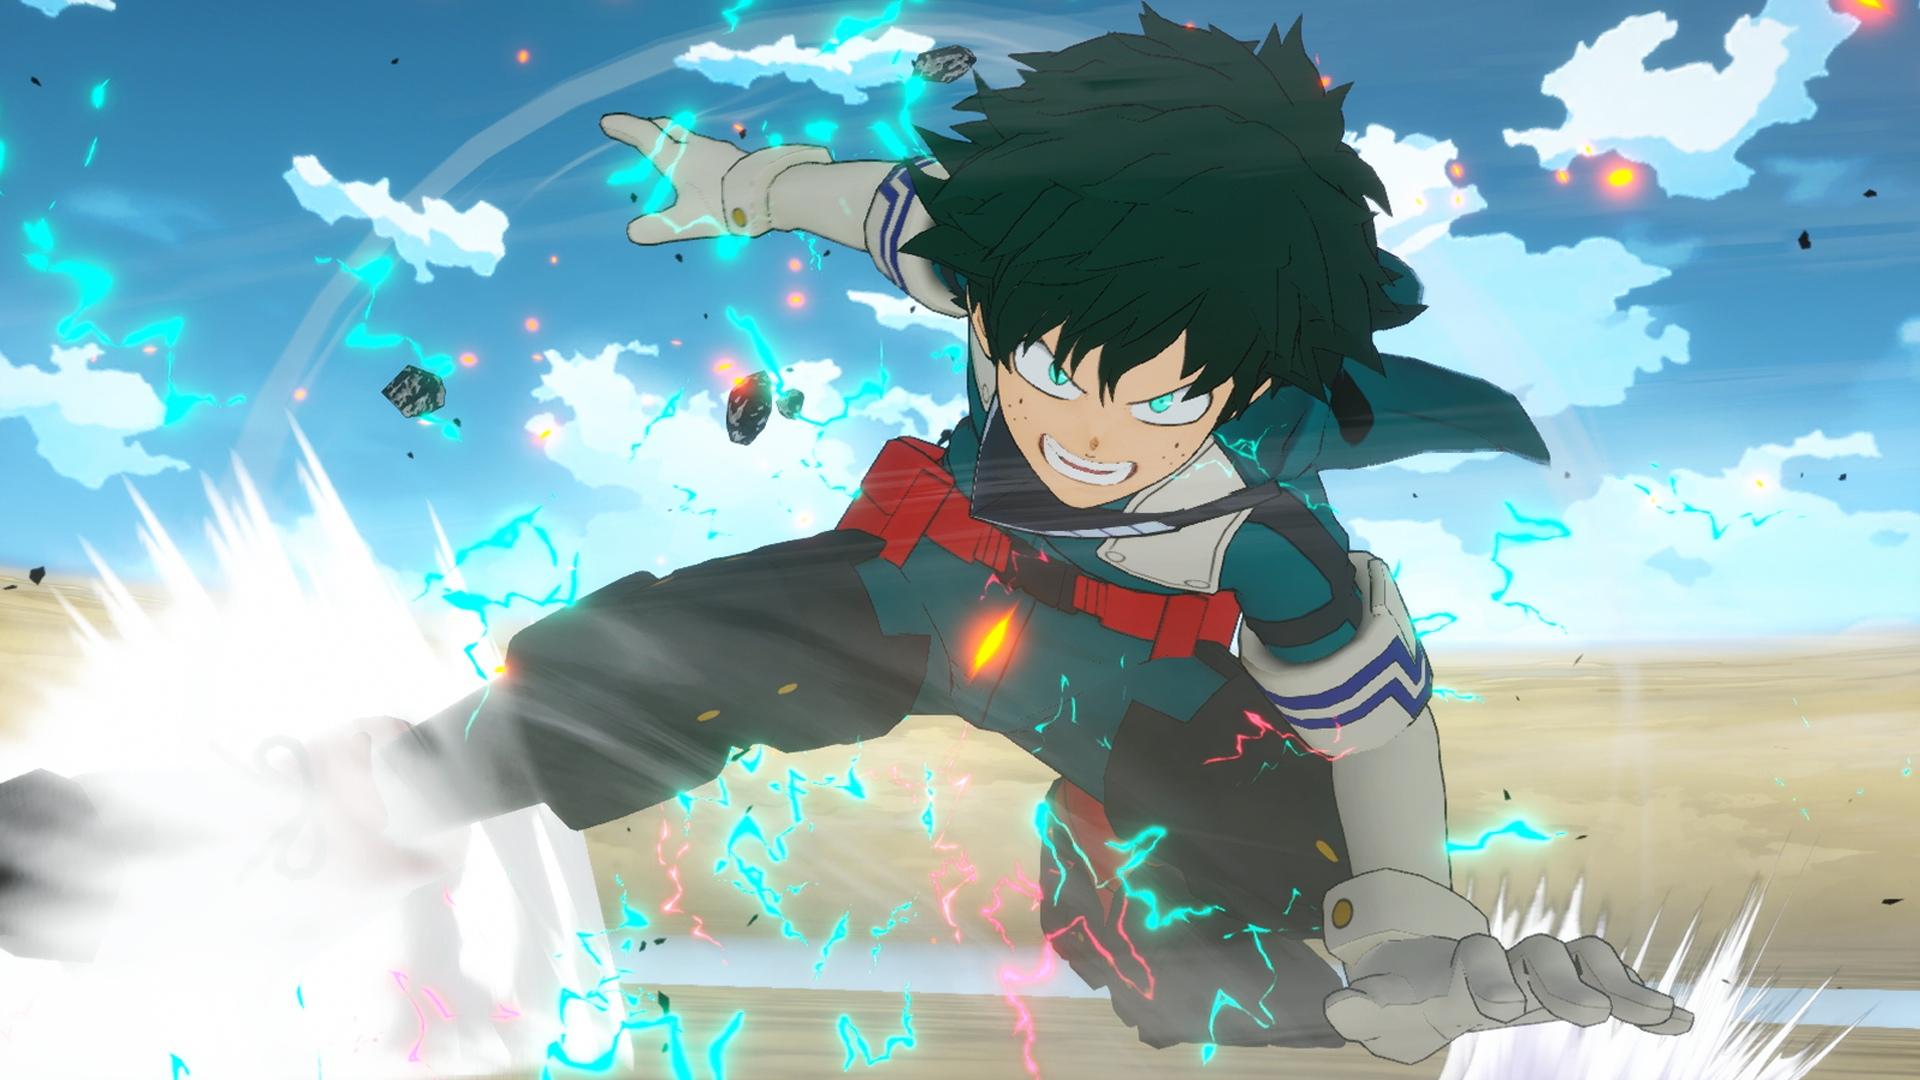 Третий трейлер My Hero One's Justice 2